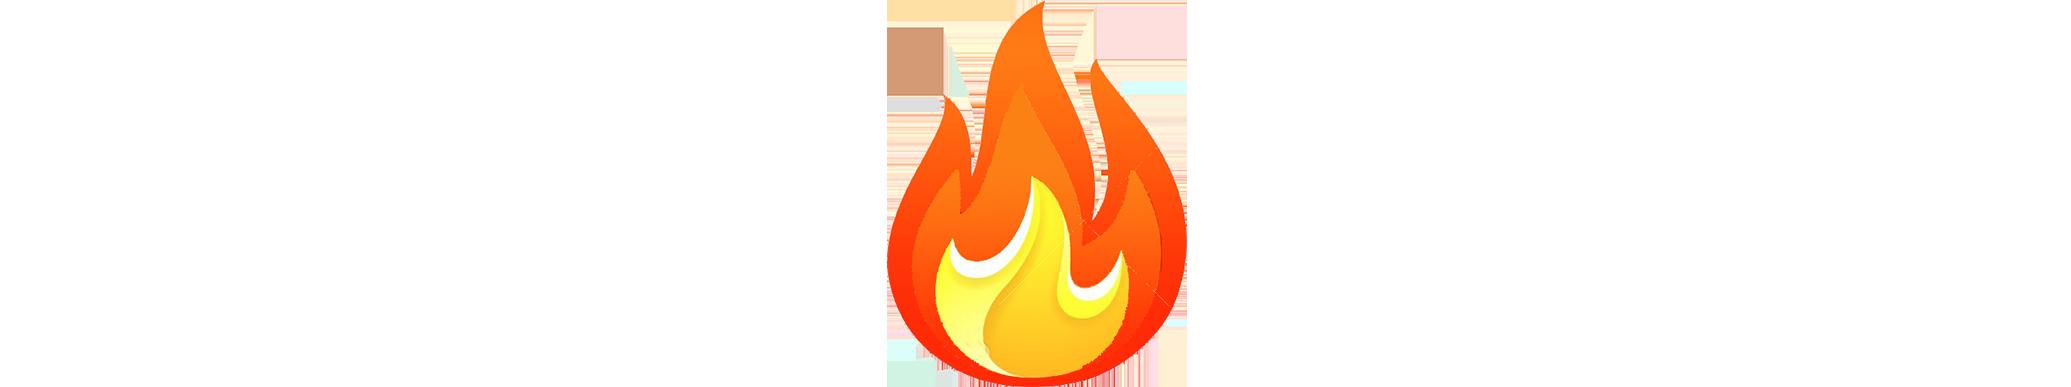 punto fuoco logo